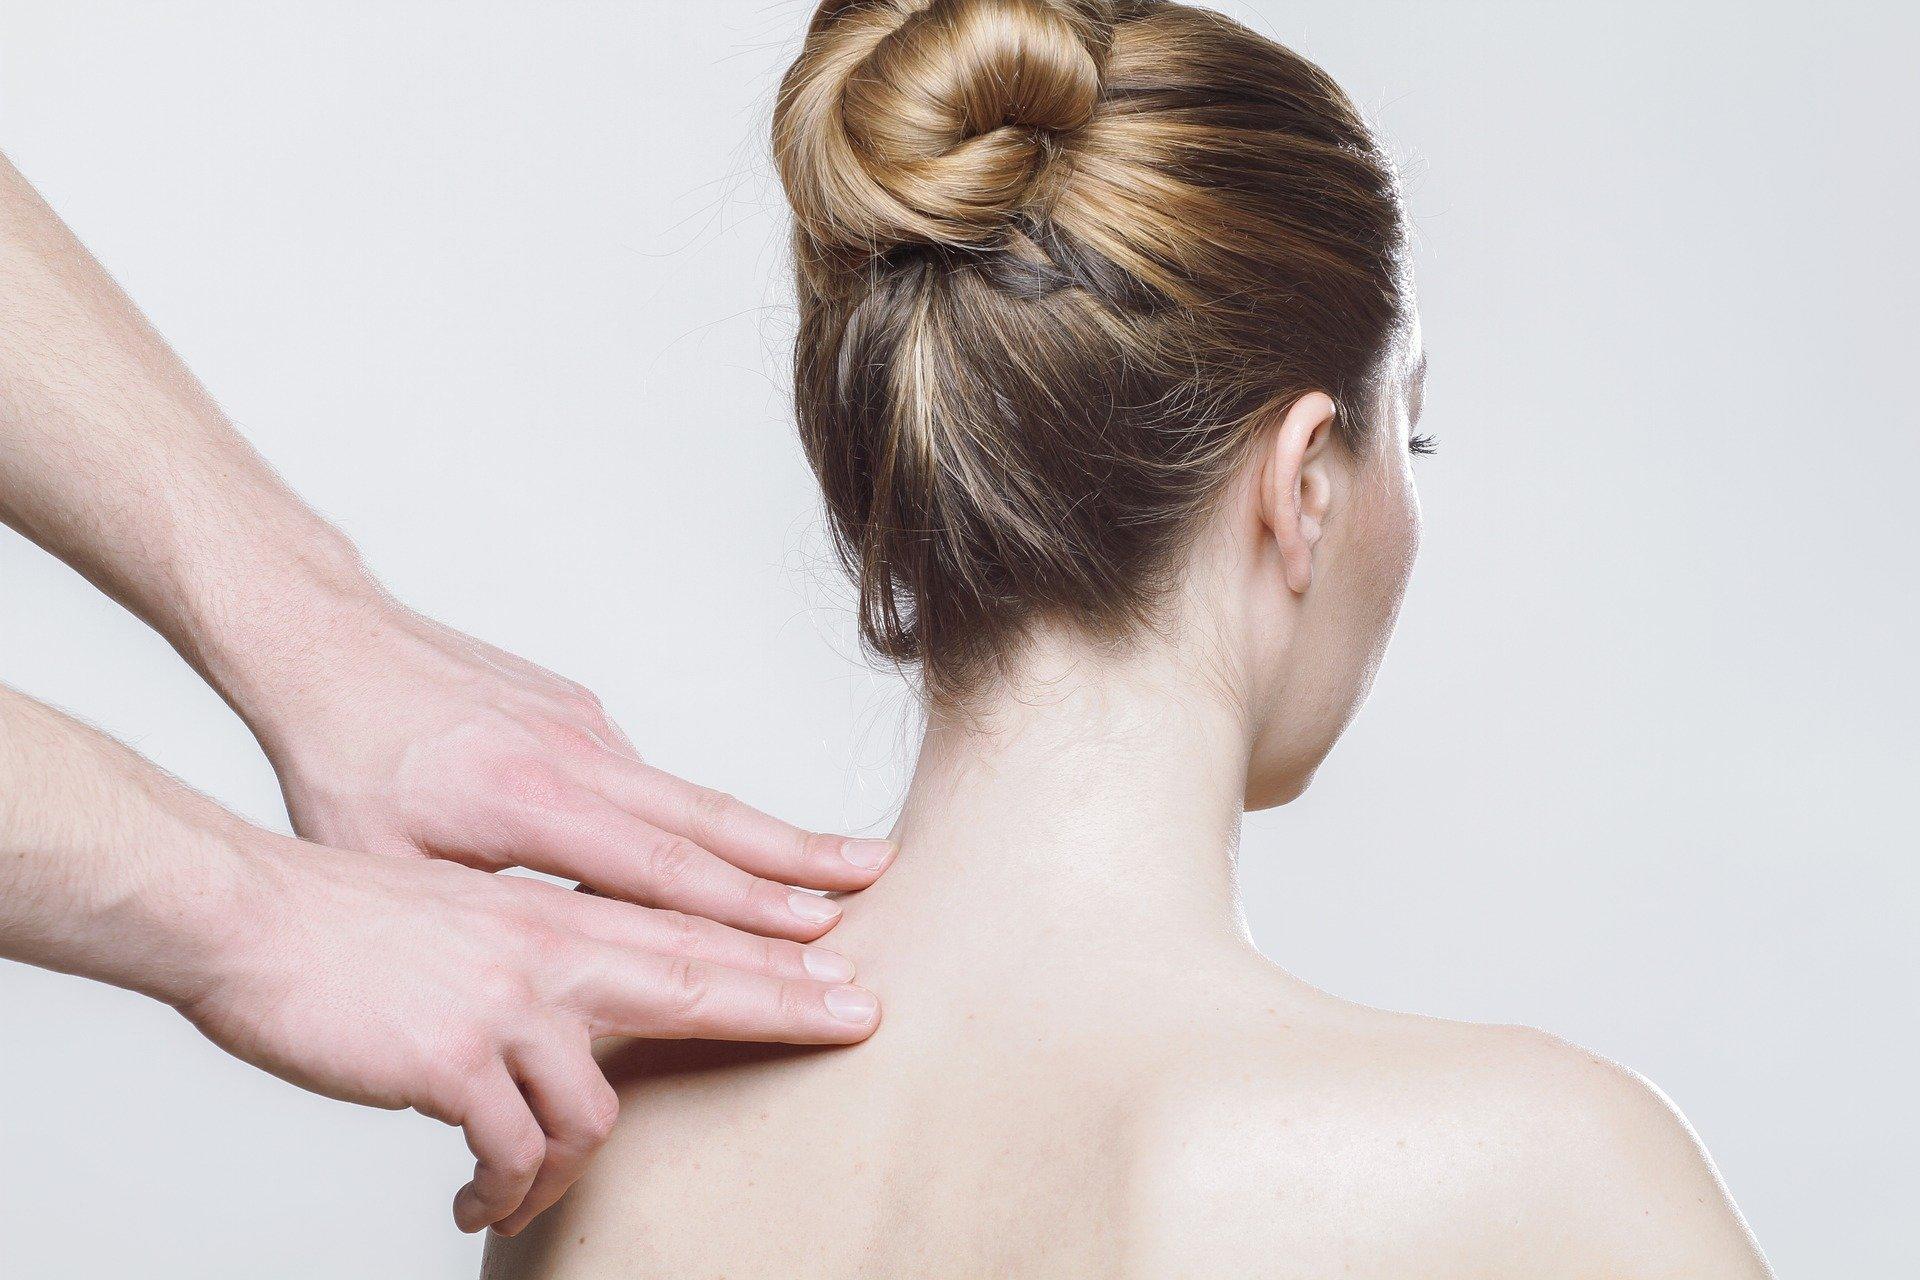 Jak fungují náplasti proti bolesti